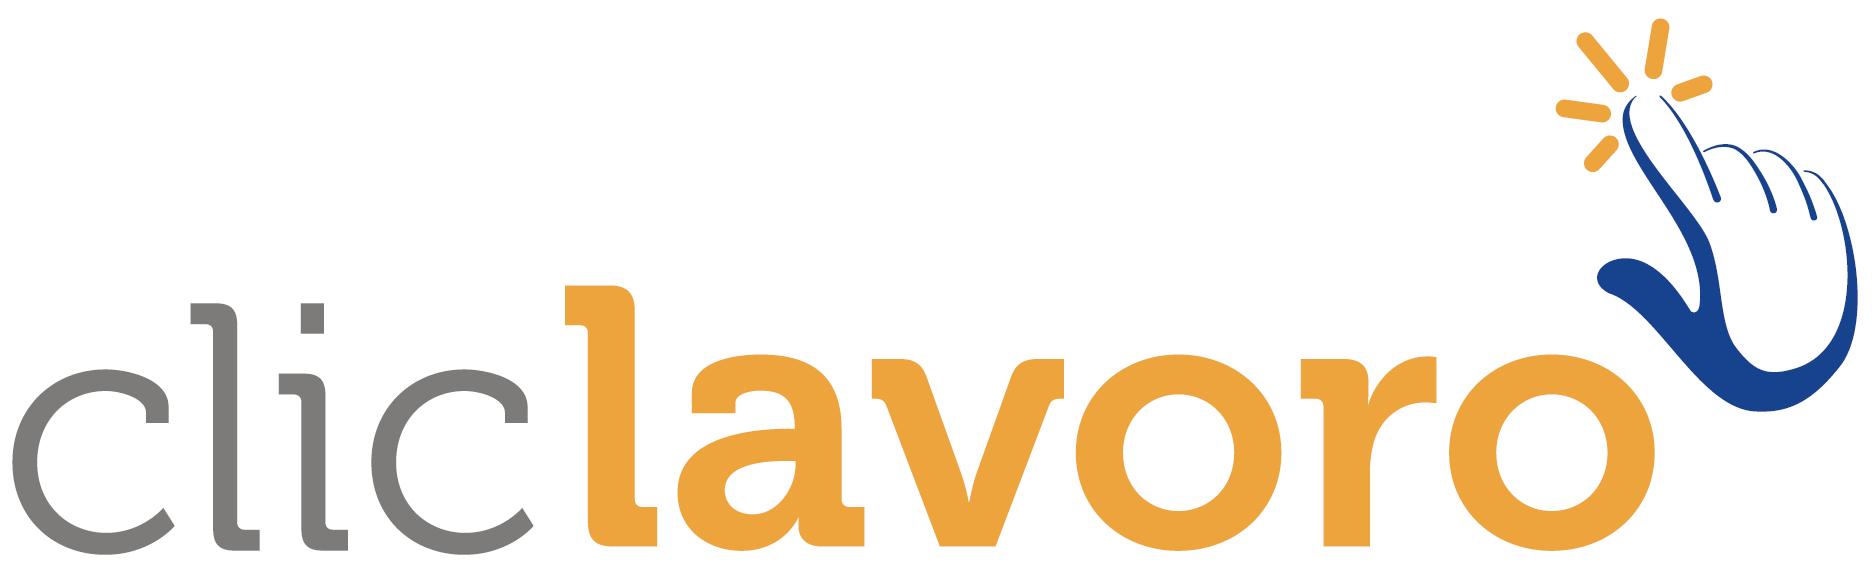 Cliclavoro, Il Blog Del Ministero Del Lavoro E Delle Politiche Sociali, Scopre Team Building Radio